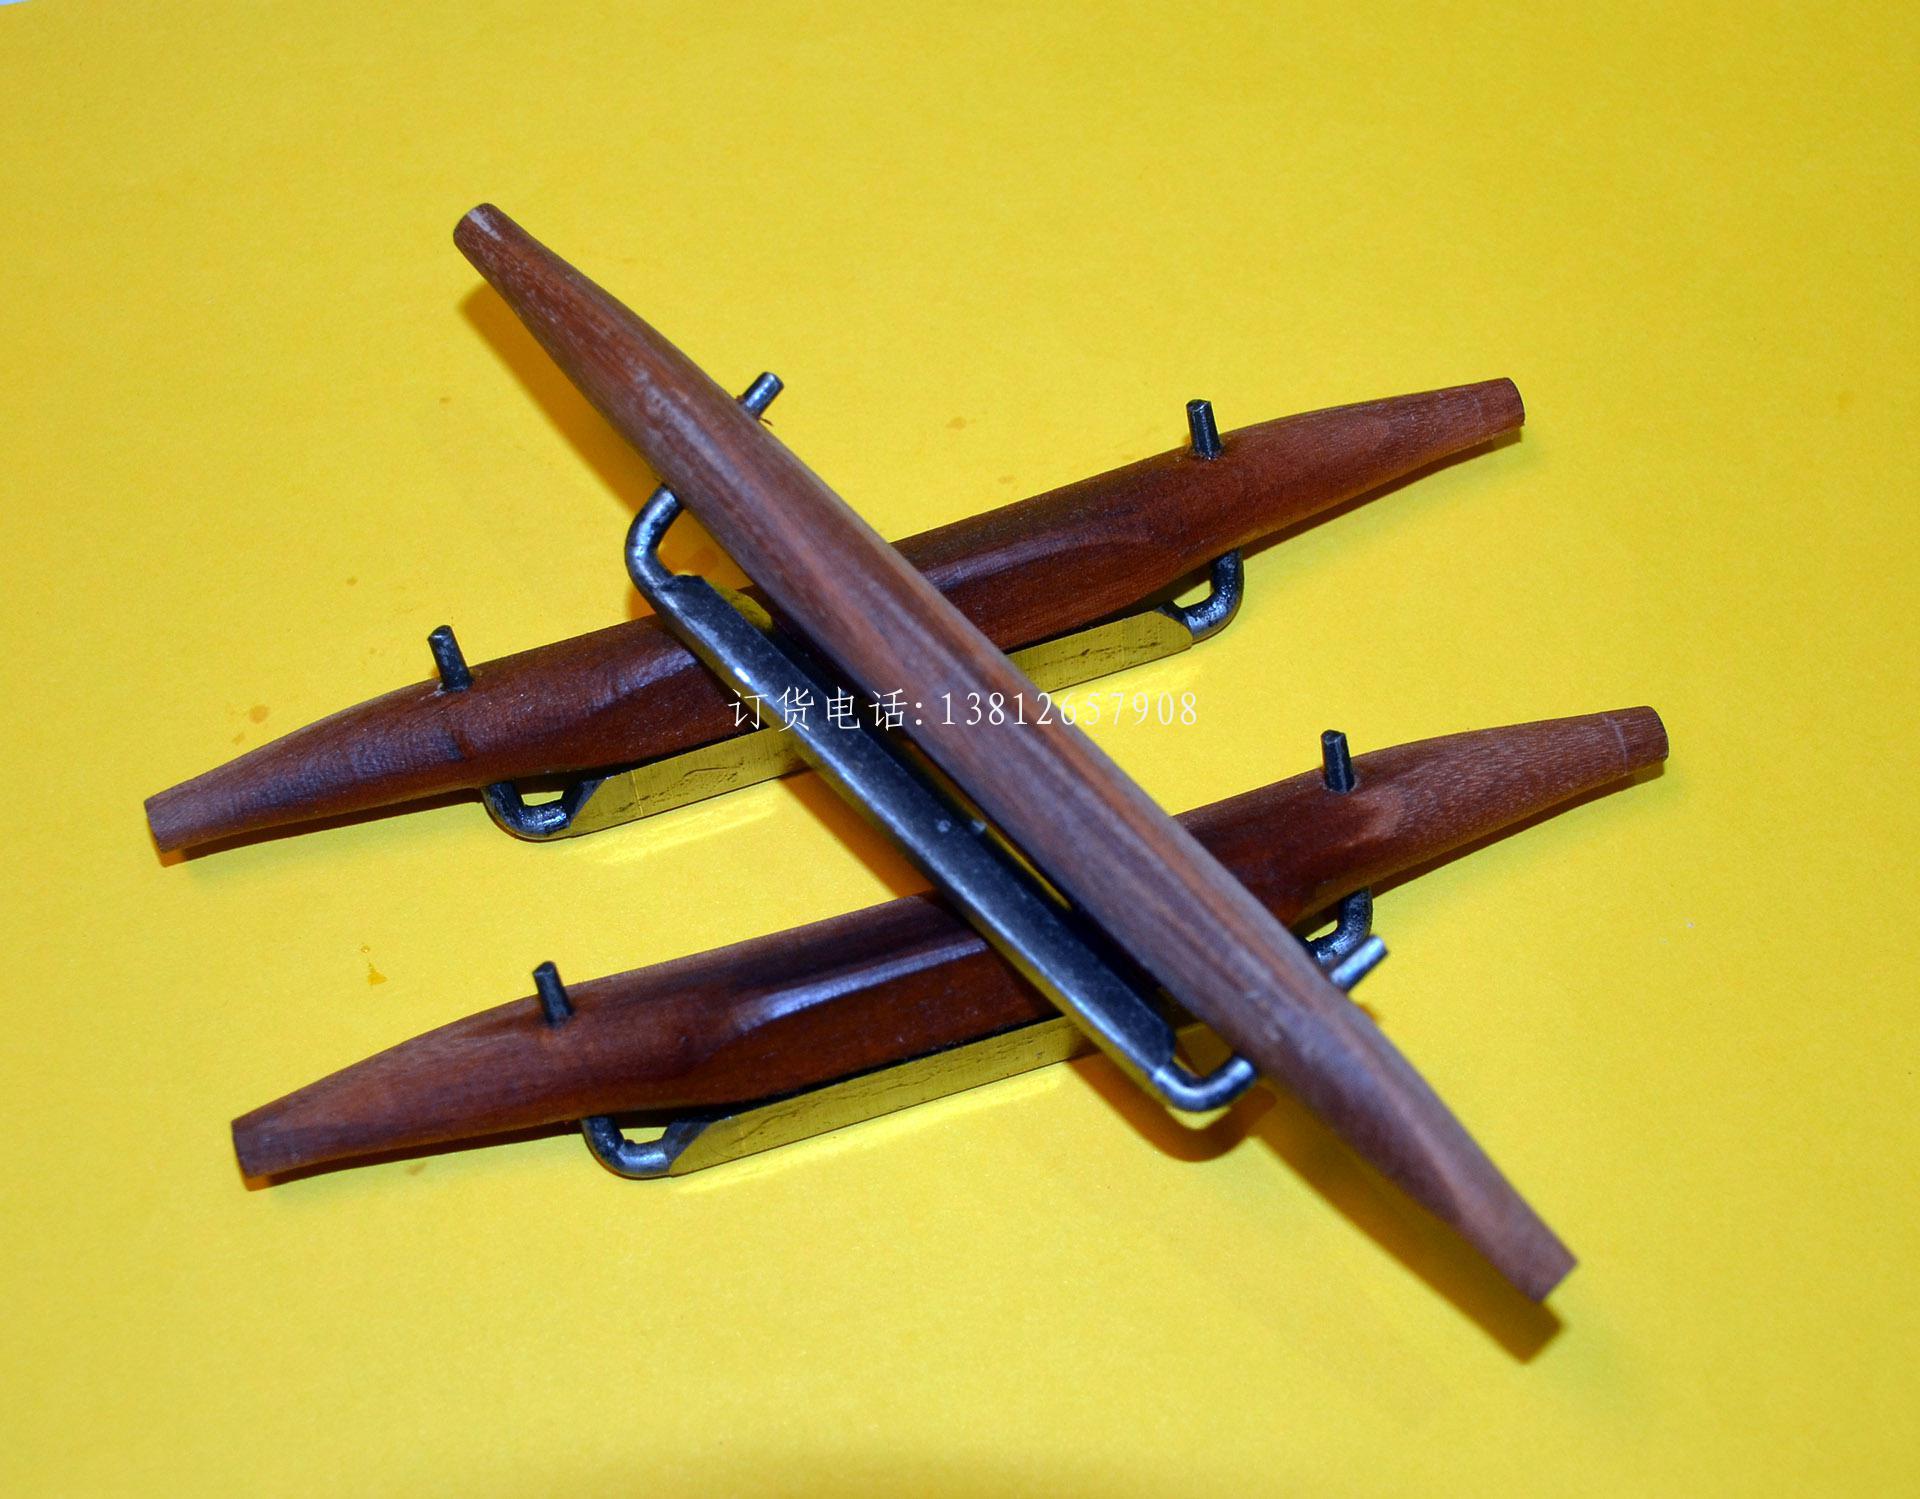 五金塑料刮披锋刀 注塑去披锋刀 钨钢披锋刀 第2张